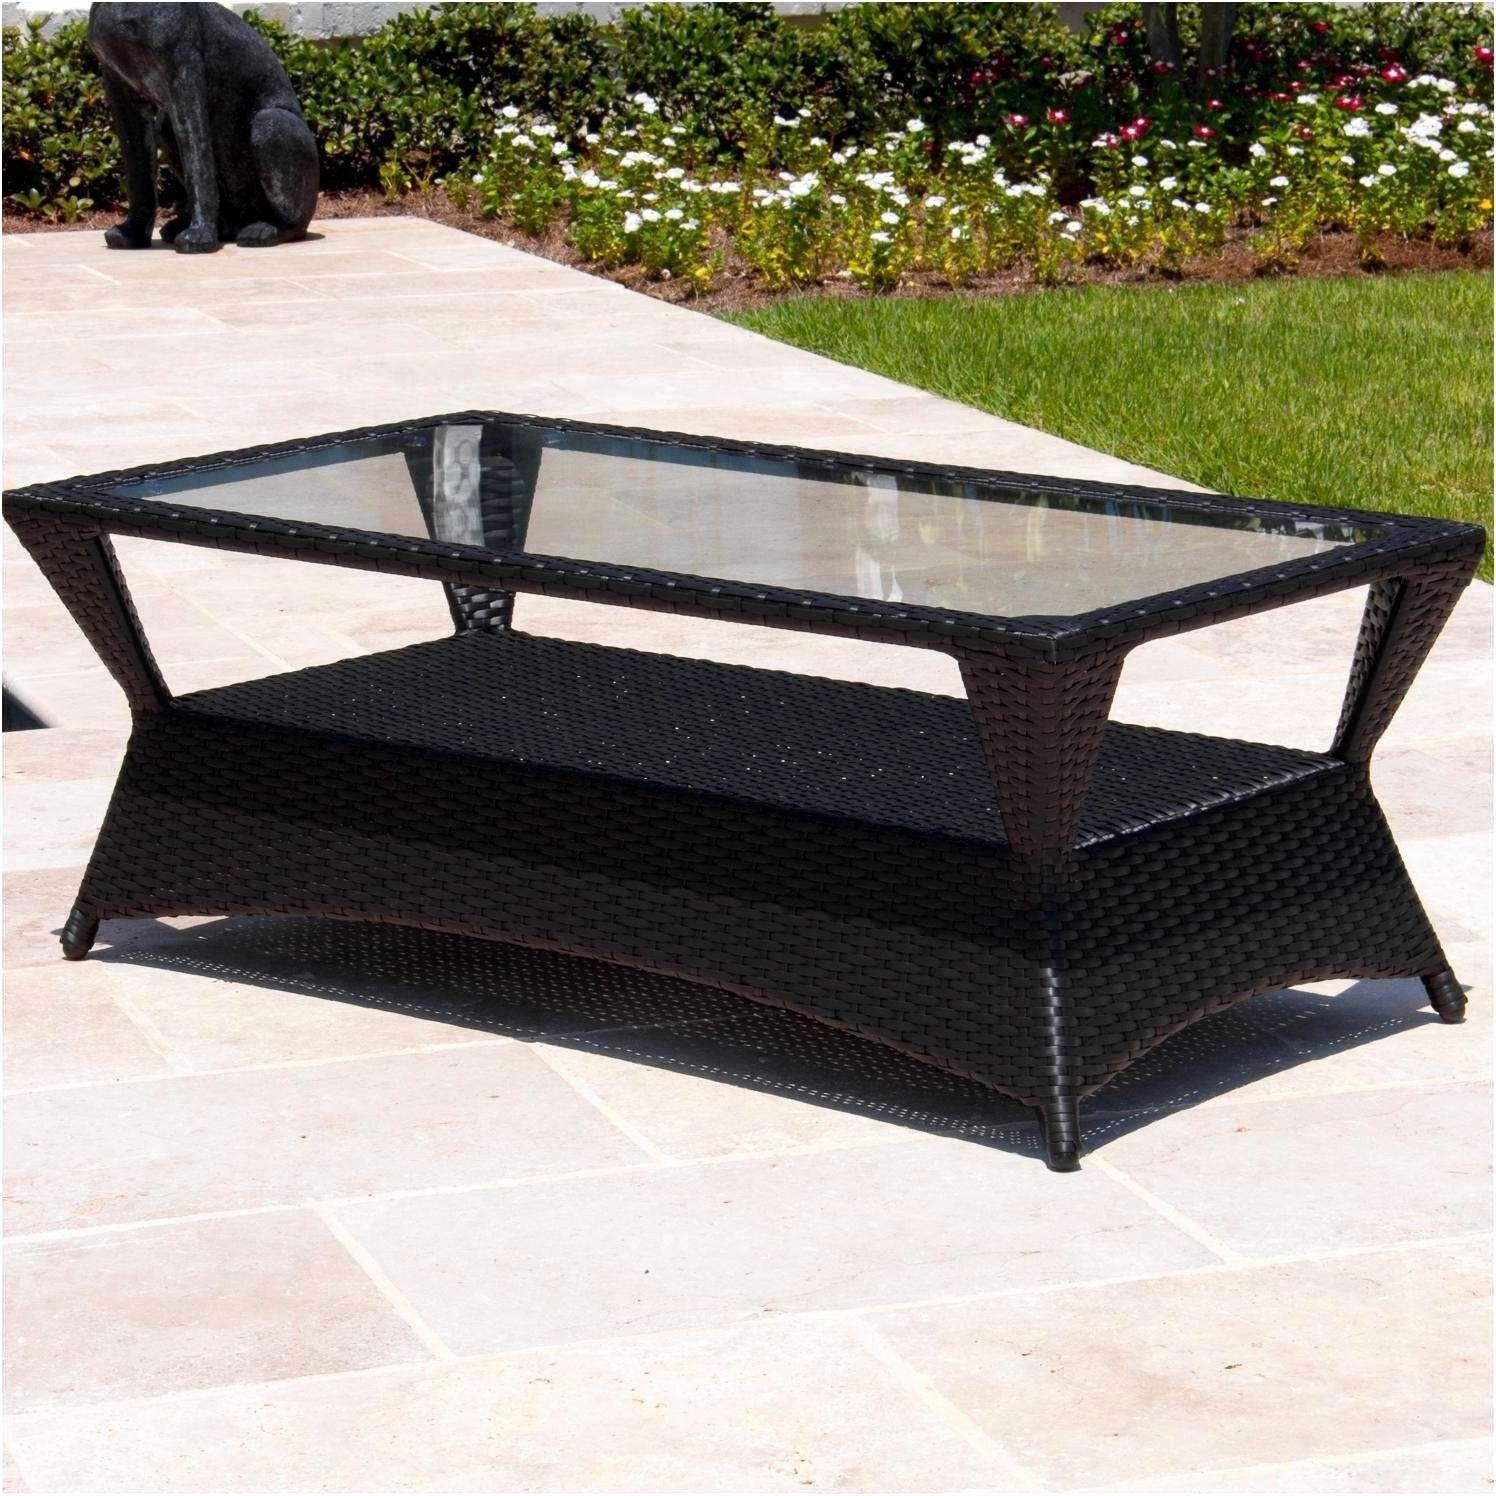 Low Glass Top Coffee Table Download Glass Top Coffee Table Inspirational Glass Top Oval Coffe Meja Kopi Meja Kopi Bulat Dekorasi Meja Kopi [ 1496 x 1496 Pixel ]